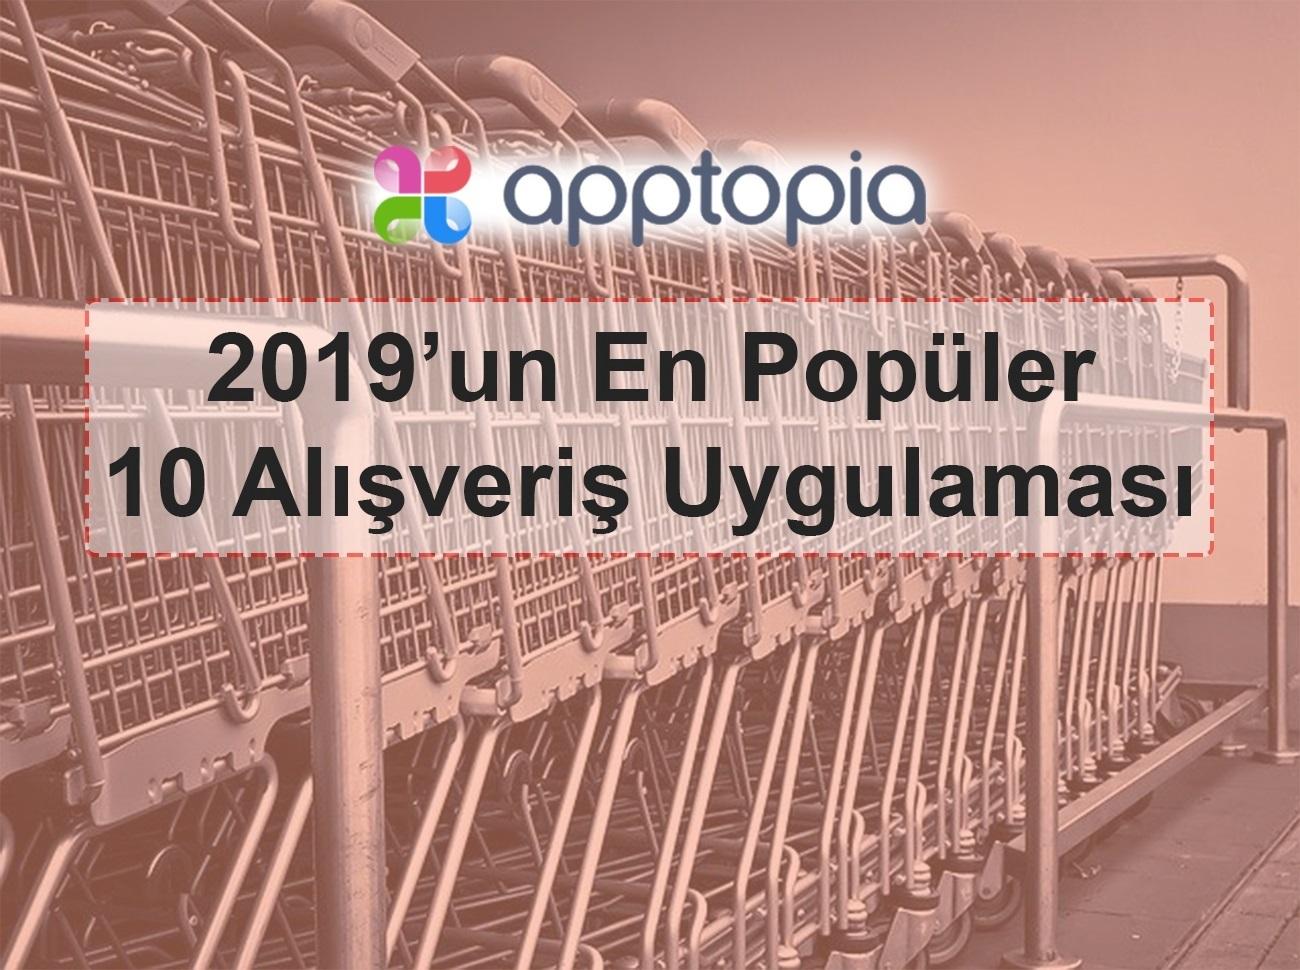 2019'un En Popüler 10 Alışveriş Uygulaması